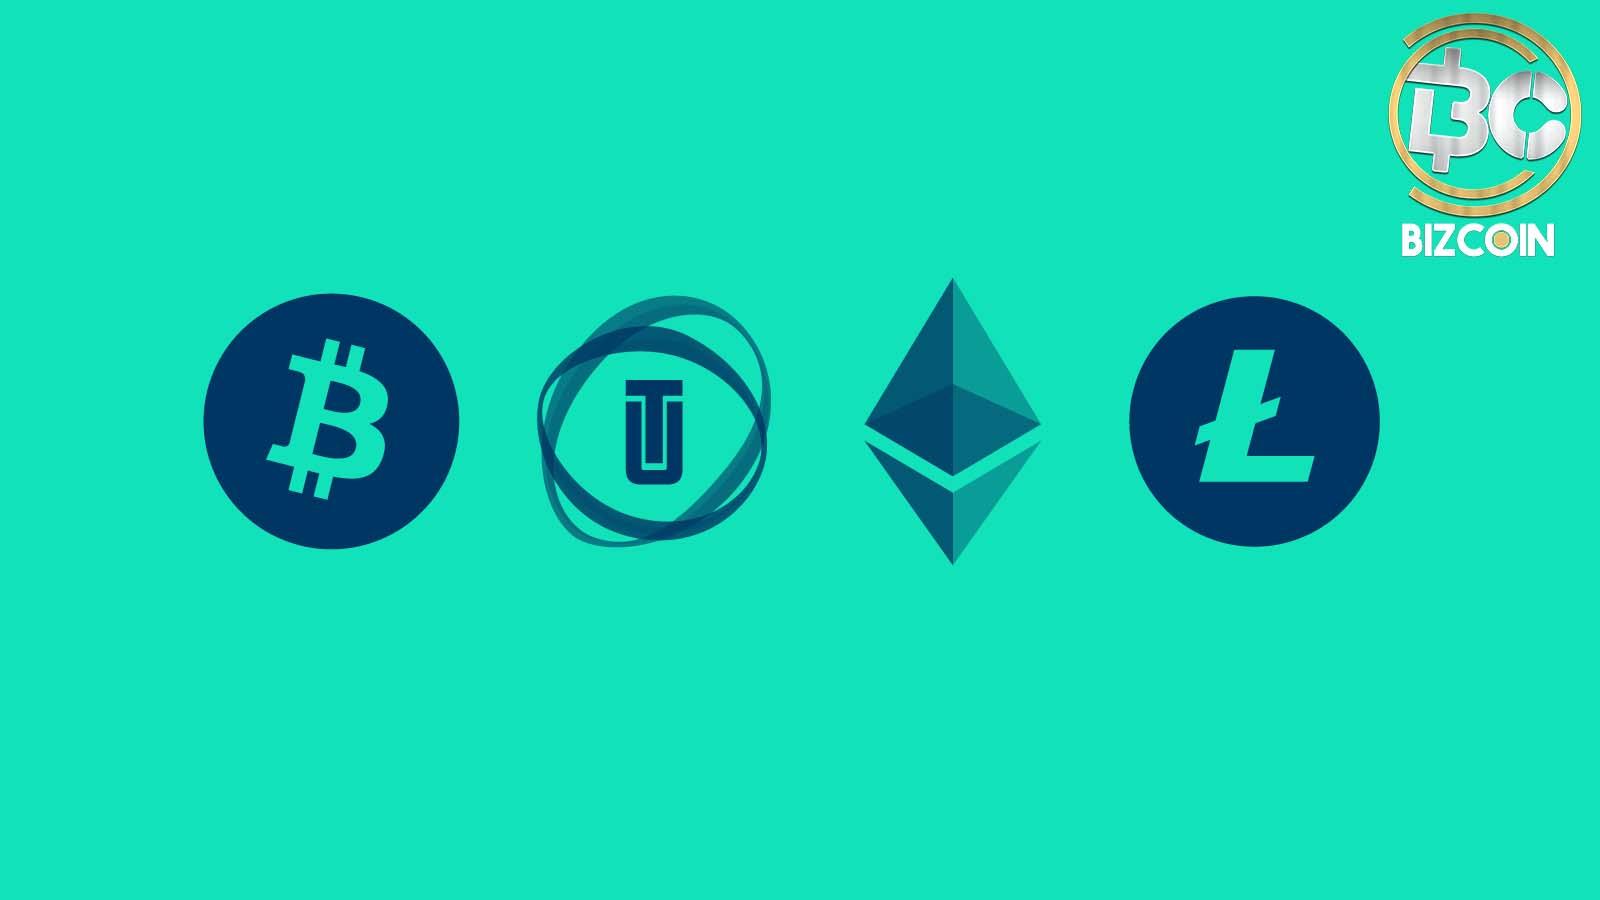 crypto currency 6 ارز دیجیتال بیت کوین از مرز 20 هزار دلار گذشت! – آیا وقت خرید ارز دیجیتال رسیده است؟